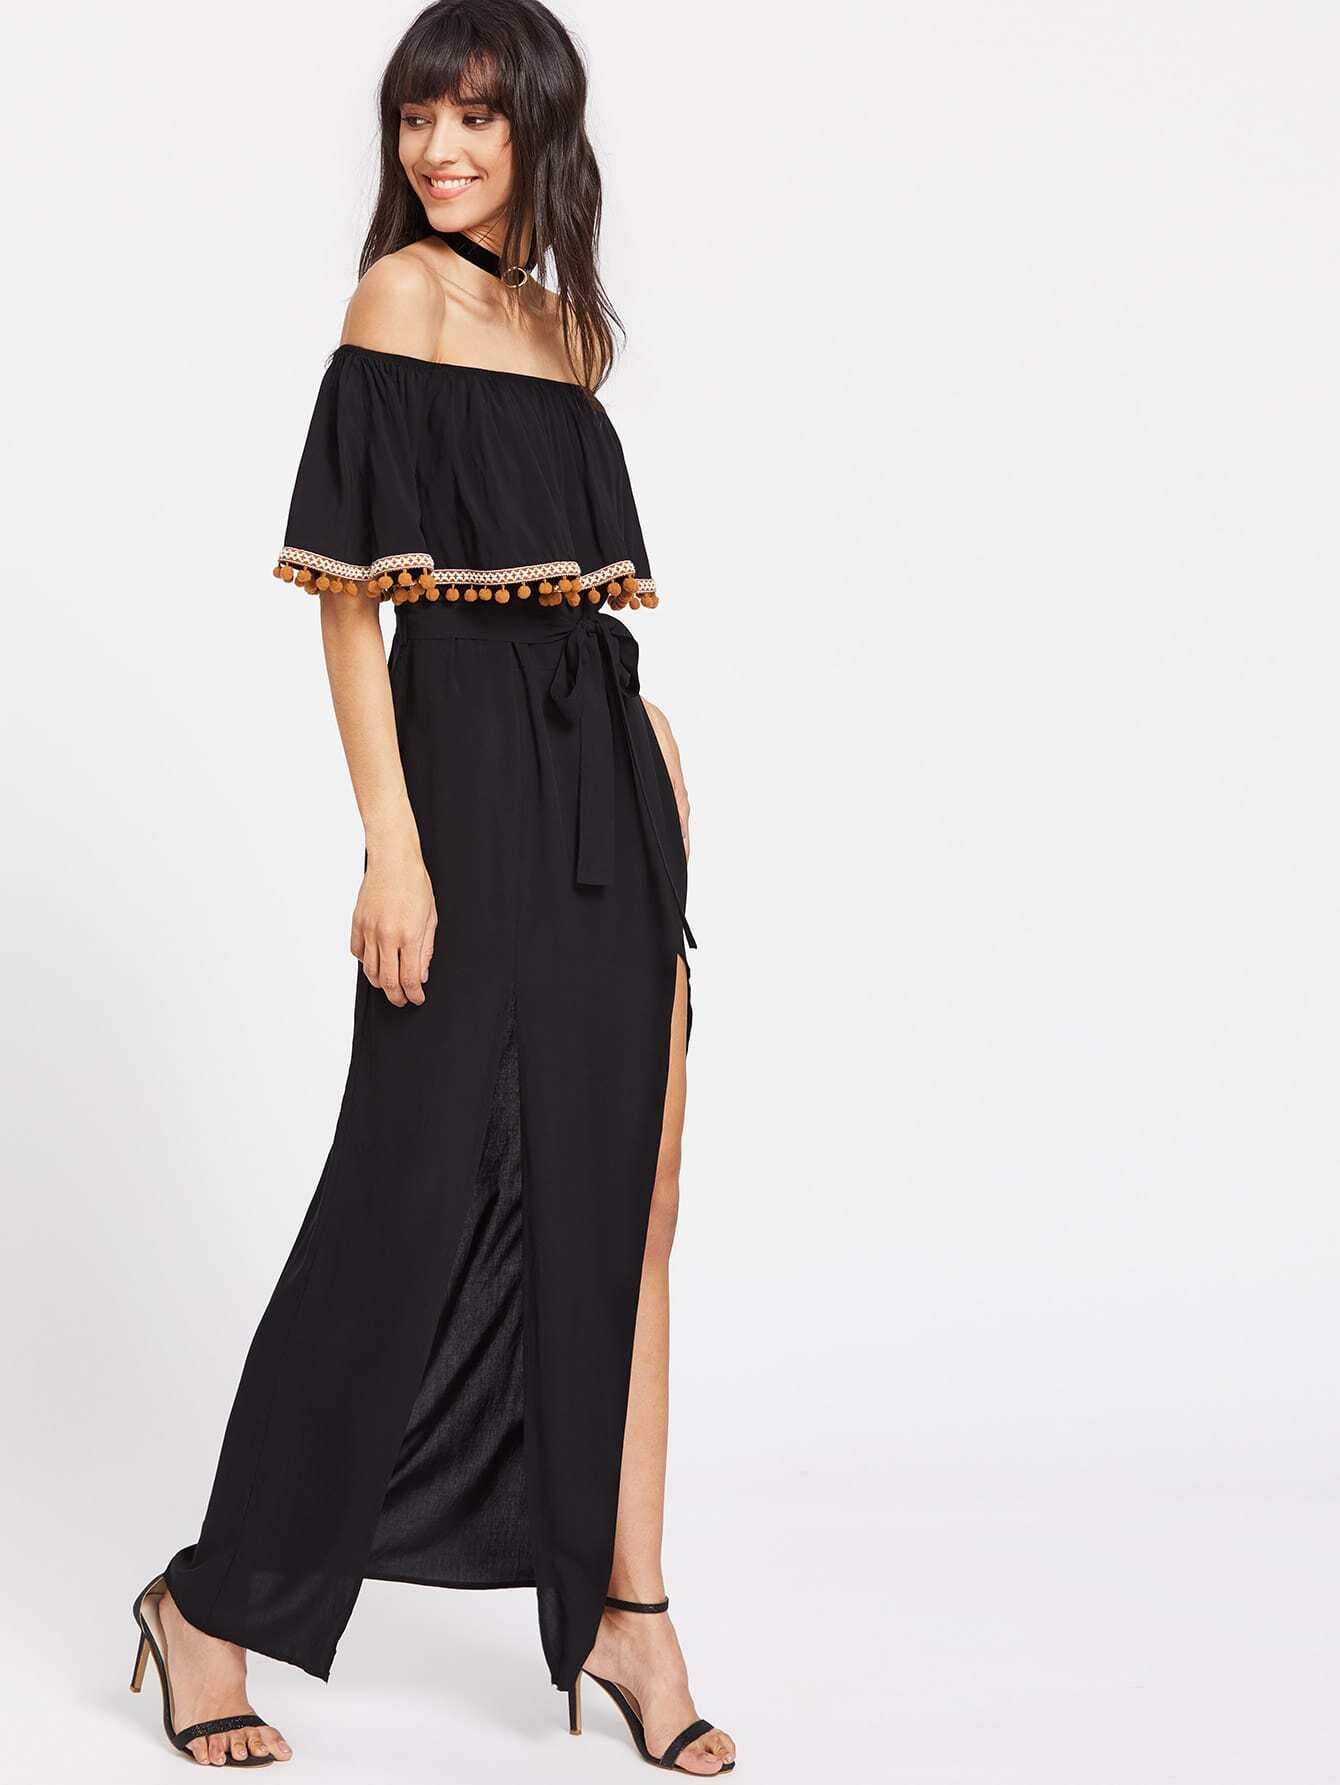 dress170404706_2